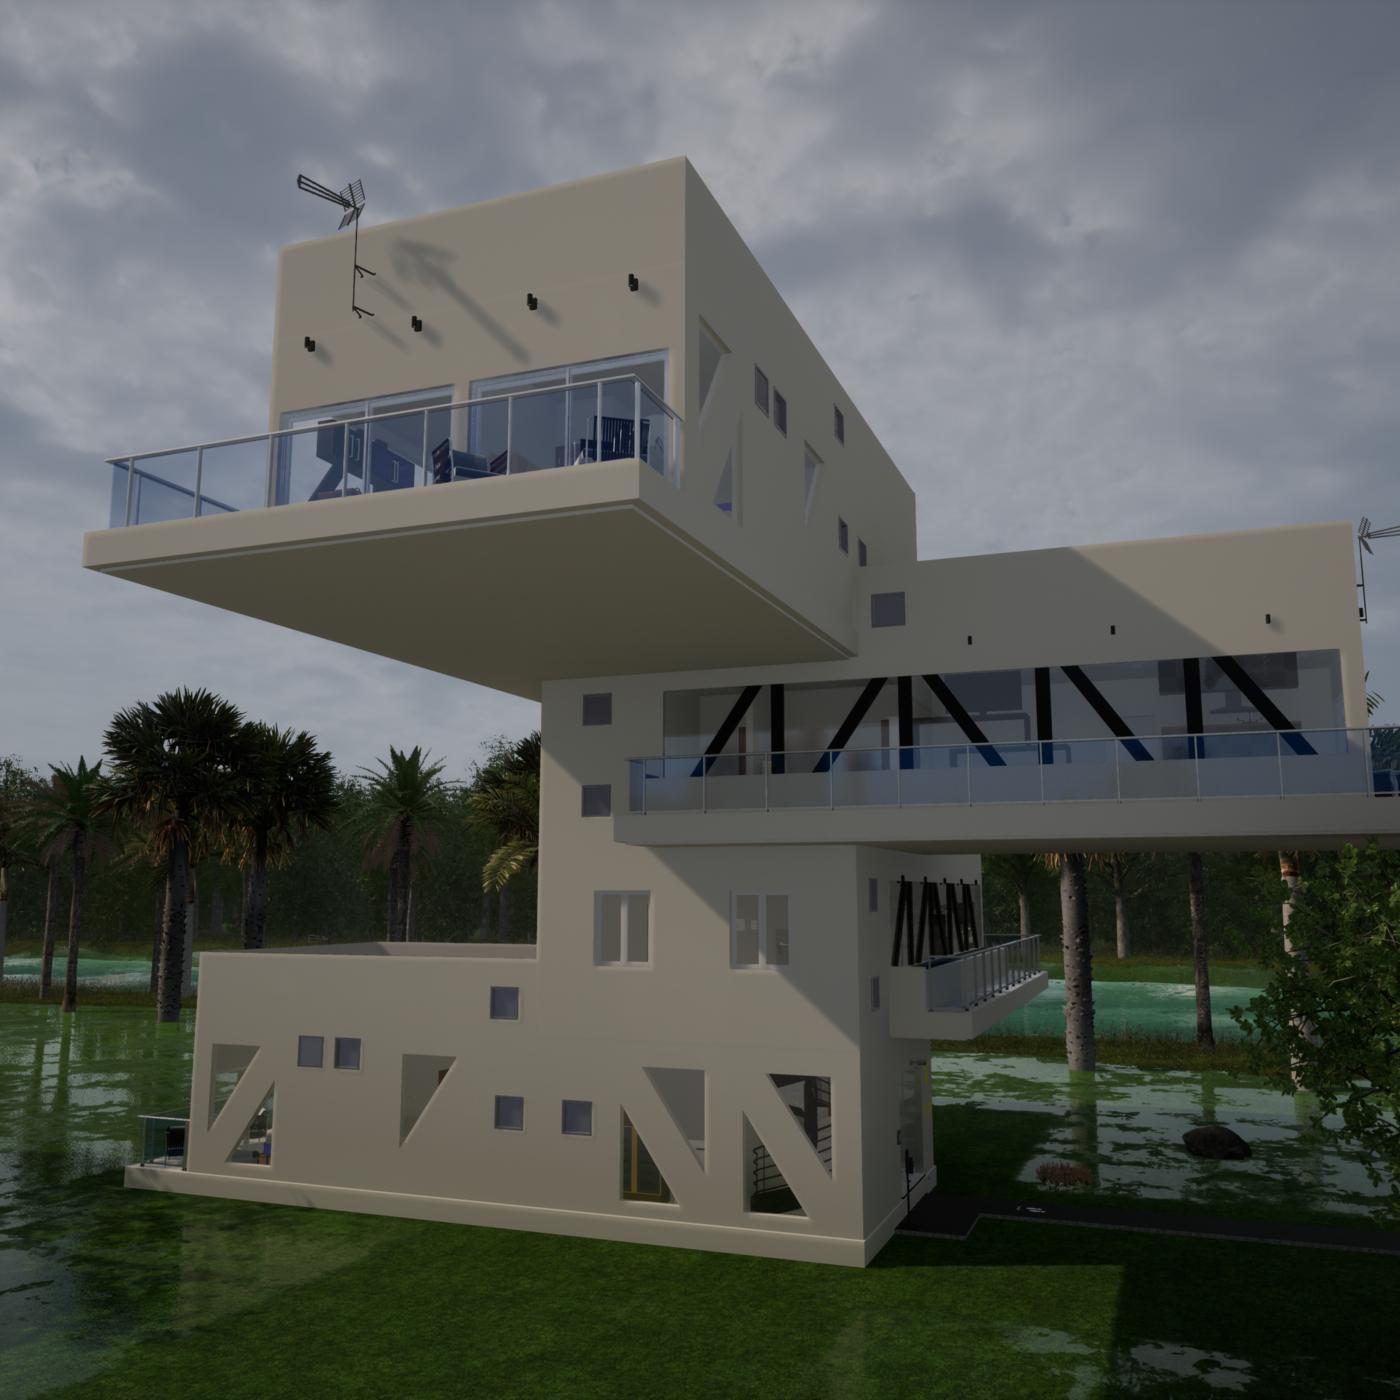 Renderings of Housing Modules